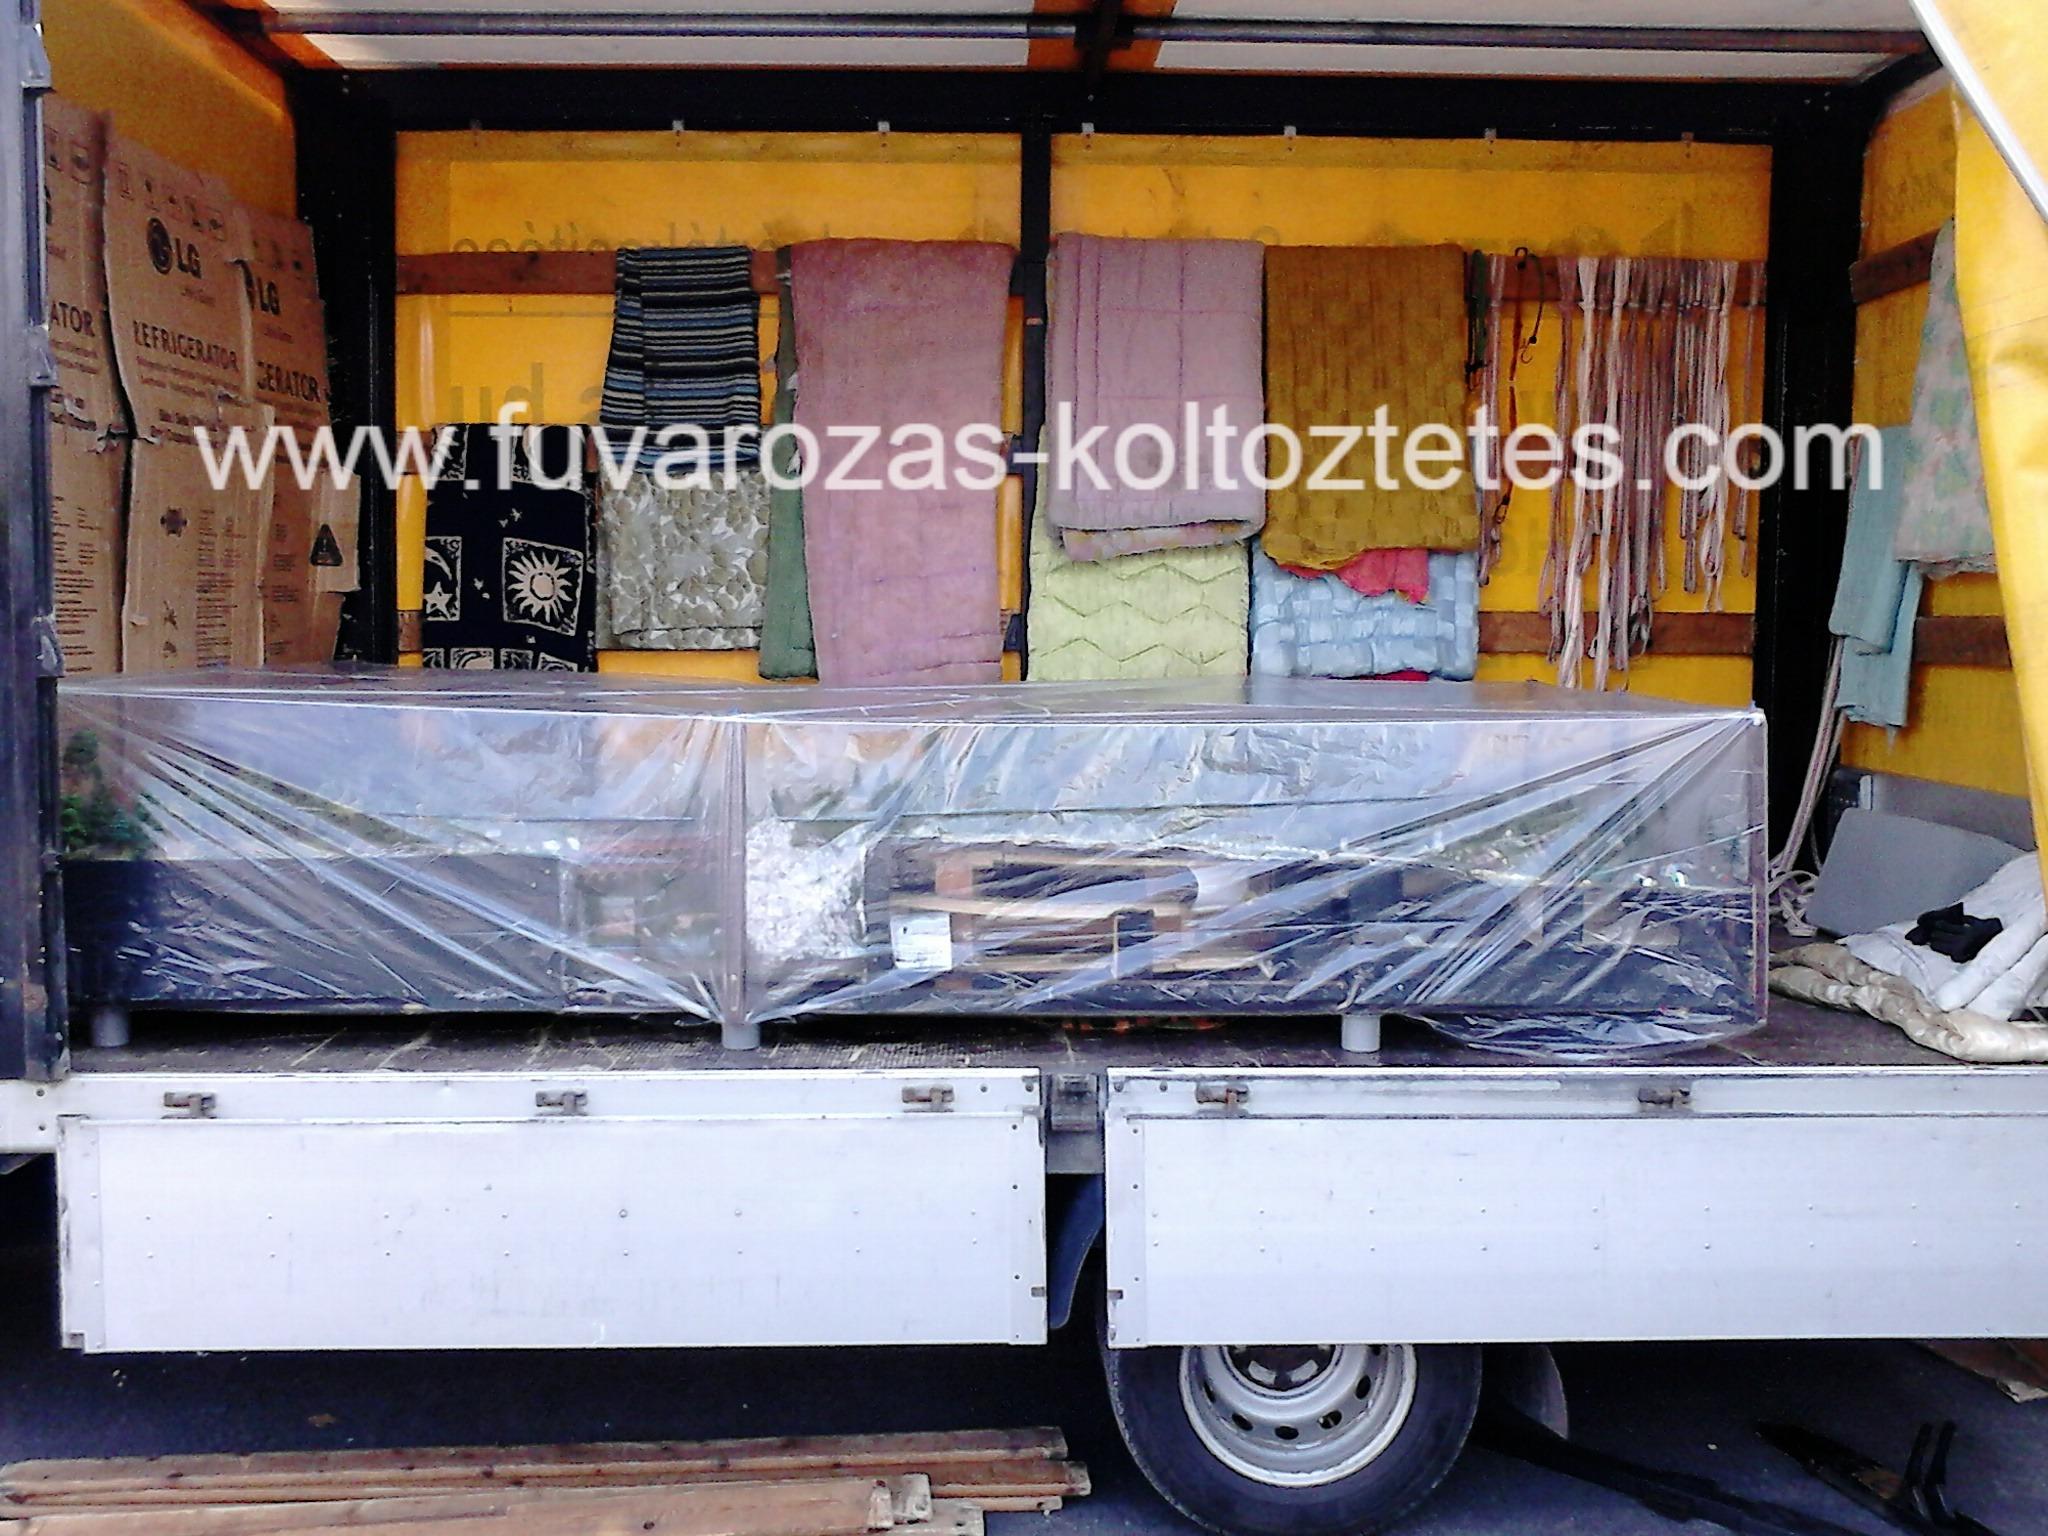 Terepasztal szállítás Budapesten